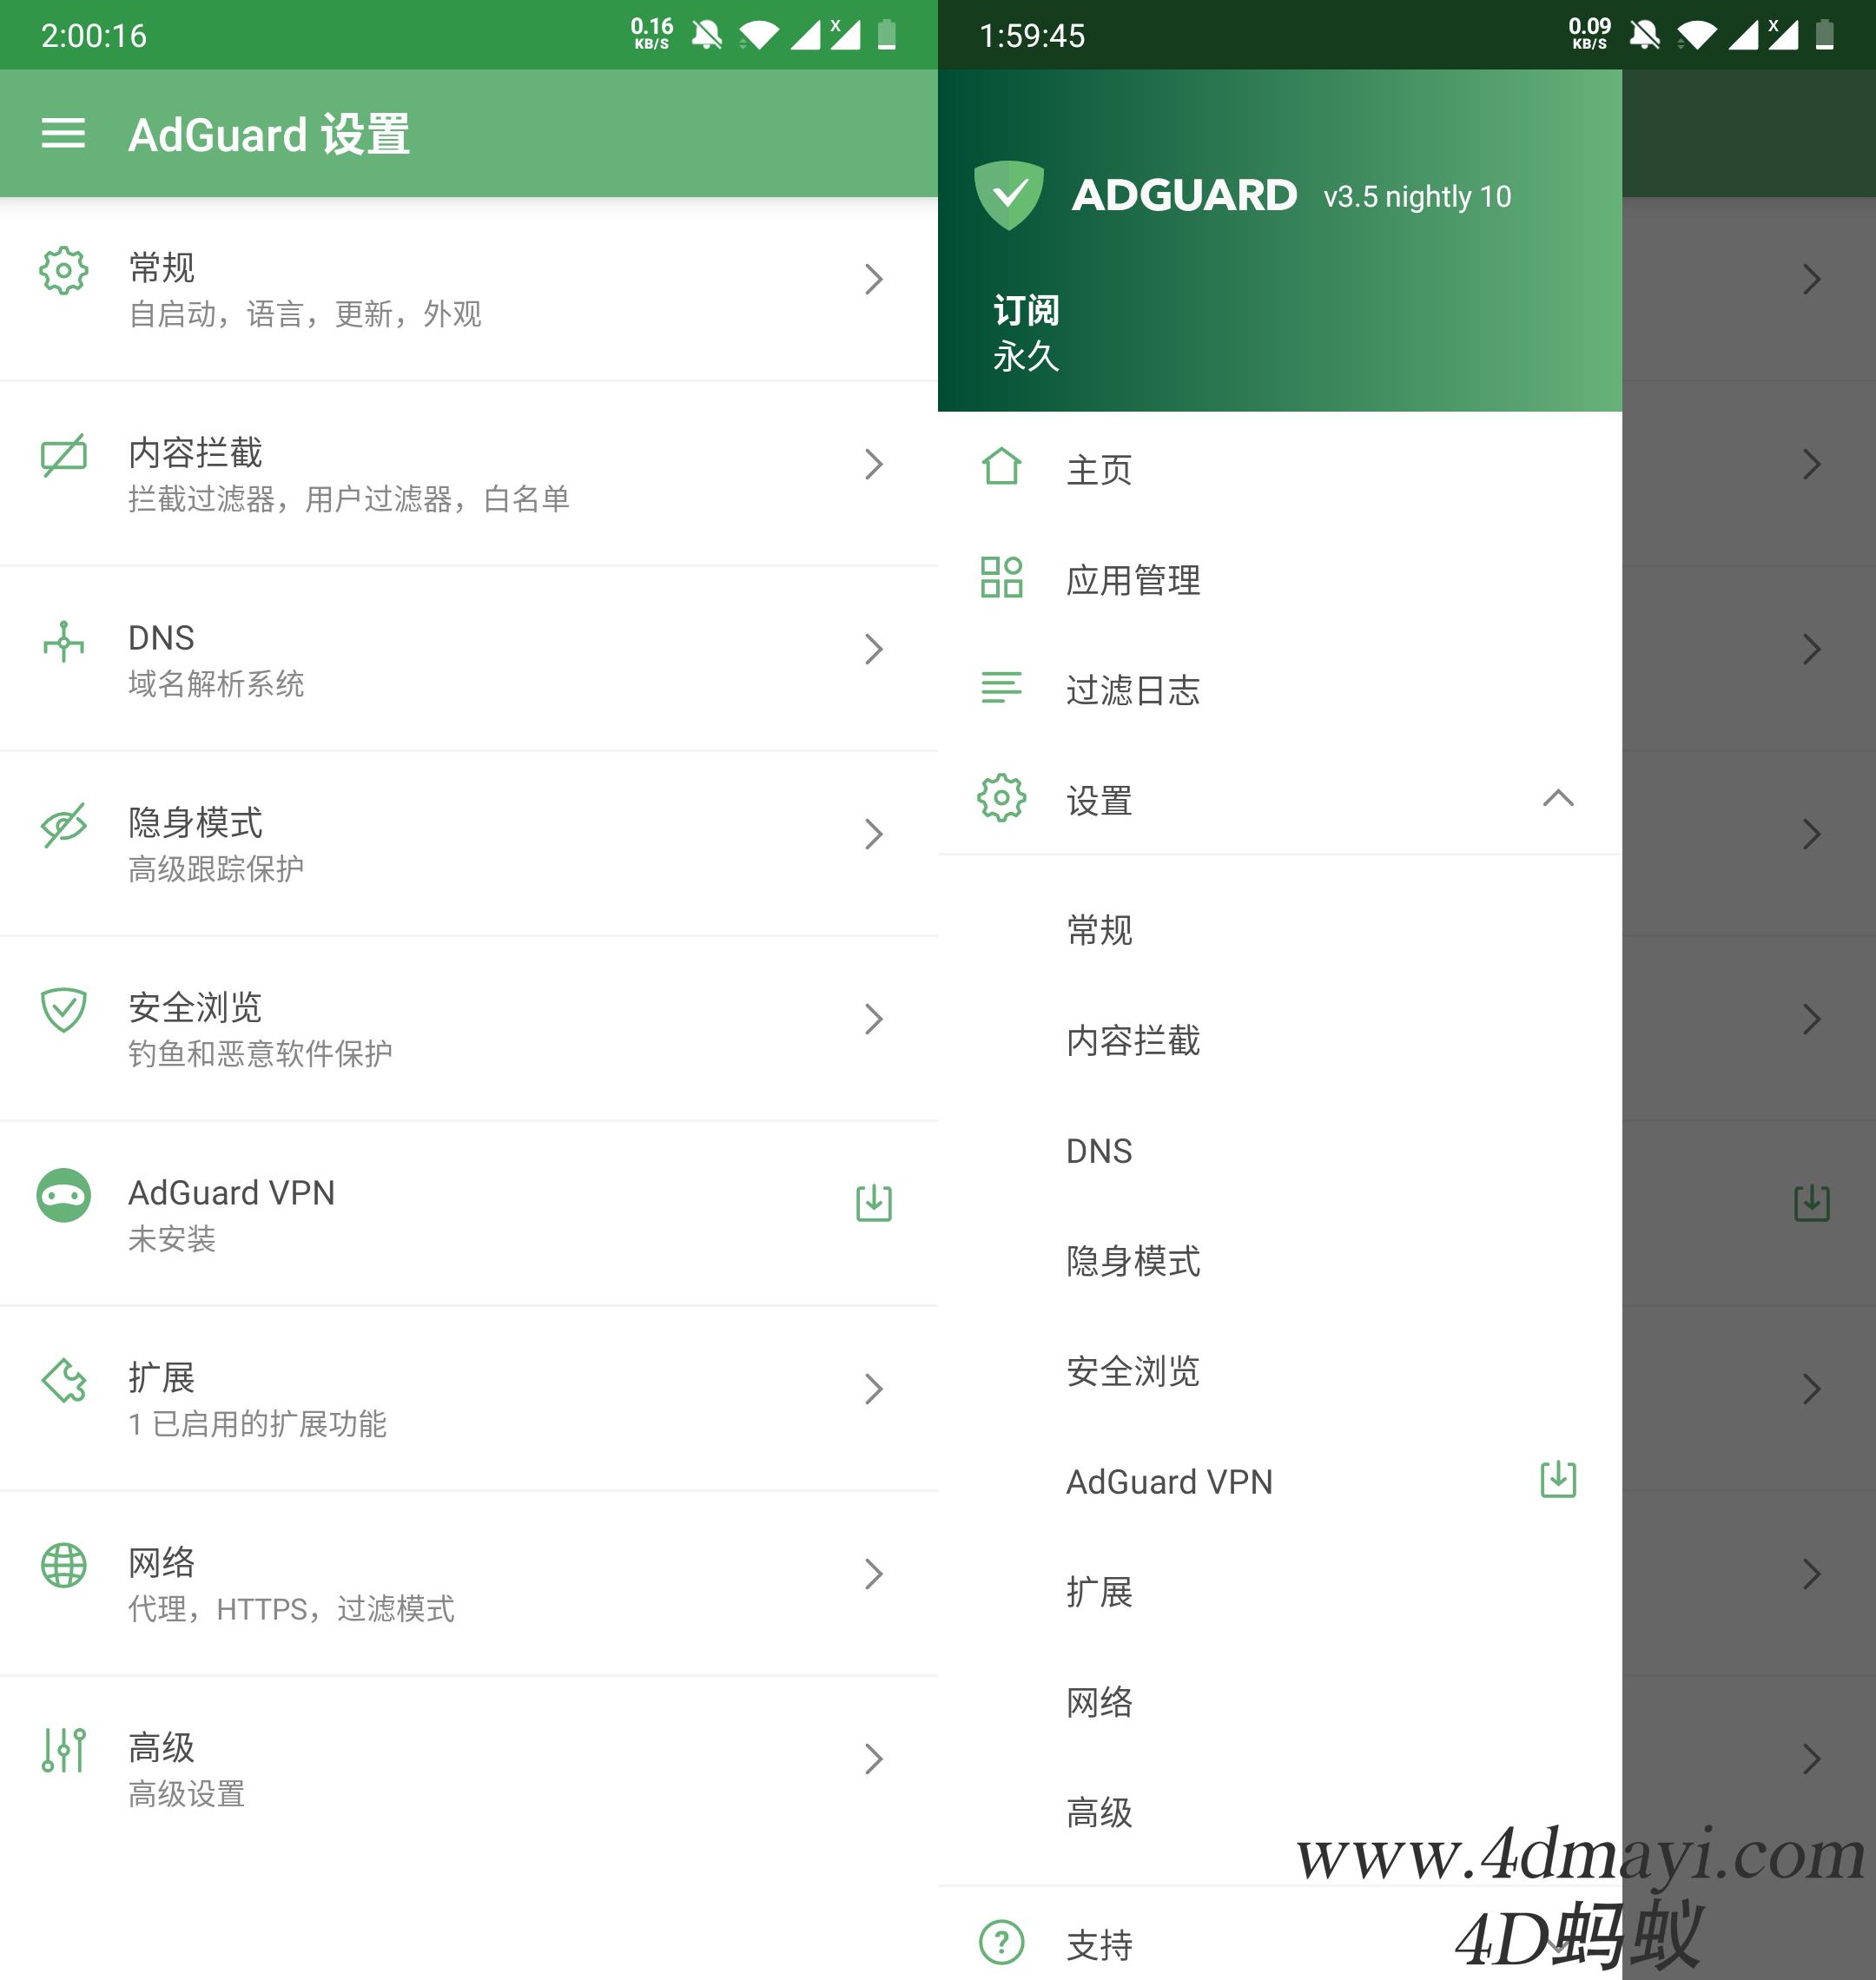 Adguard Premium 3.5.55 apk 功能强大的广告拦截器 安卓版